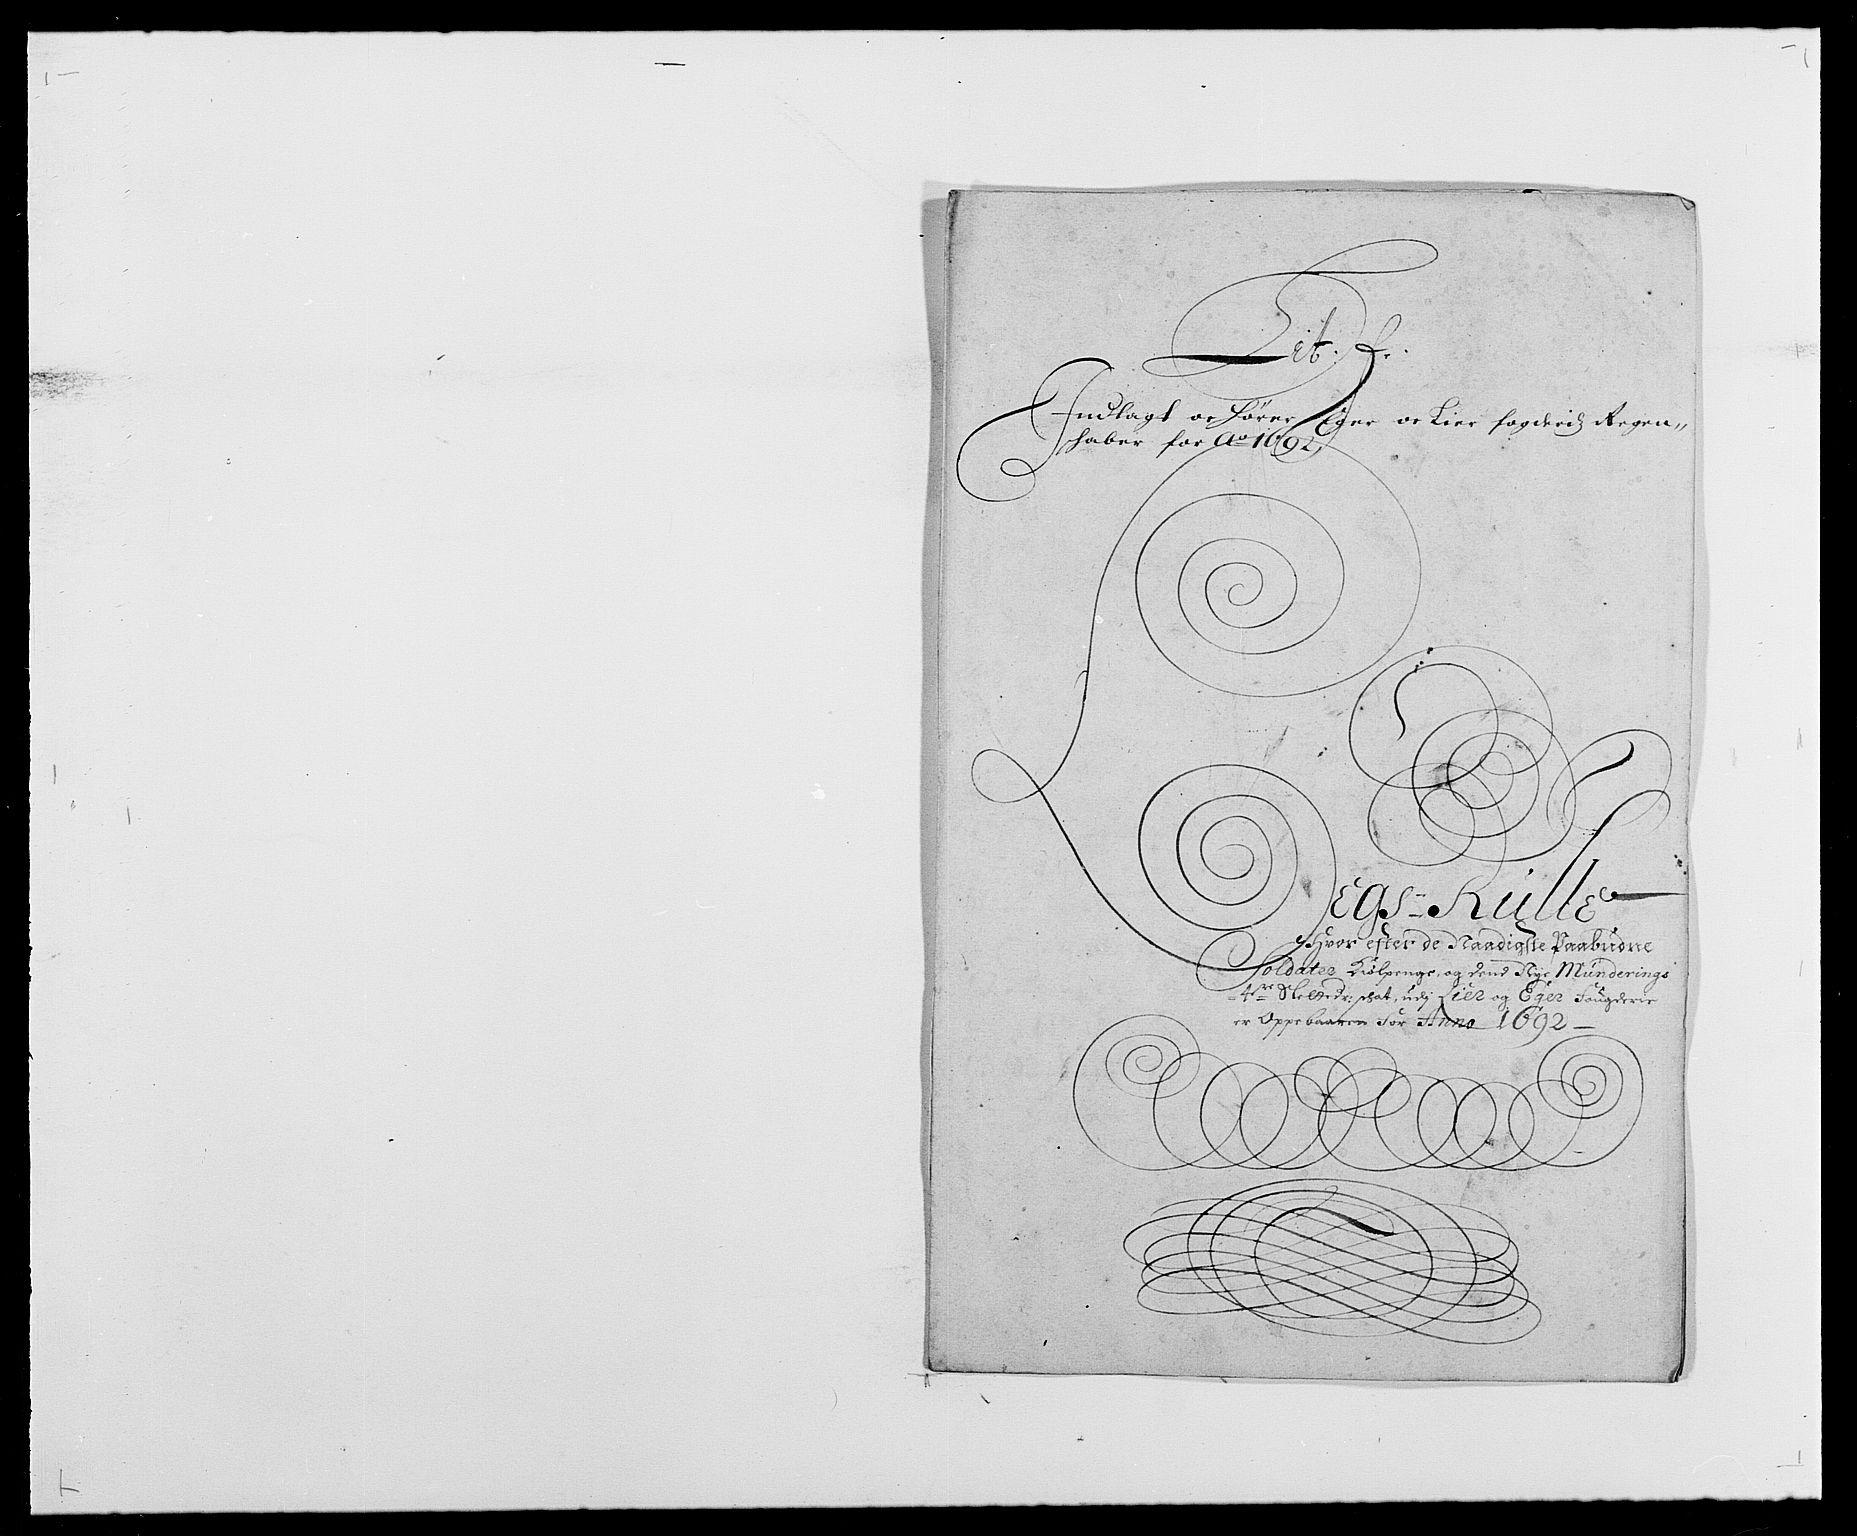 RA, Rentekammeret inntil 1814, Reviderte regnskaper, Fogderegnskap, R28/L1690: Fogderegnskap Eiker og Lier, 1692-1693, s. 60